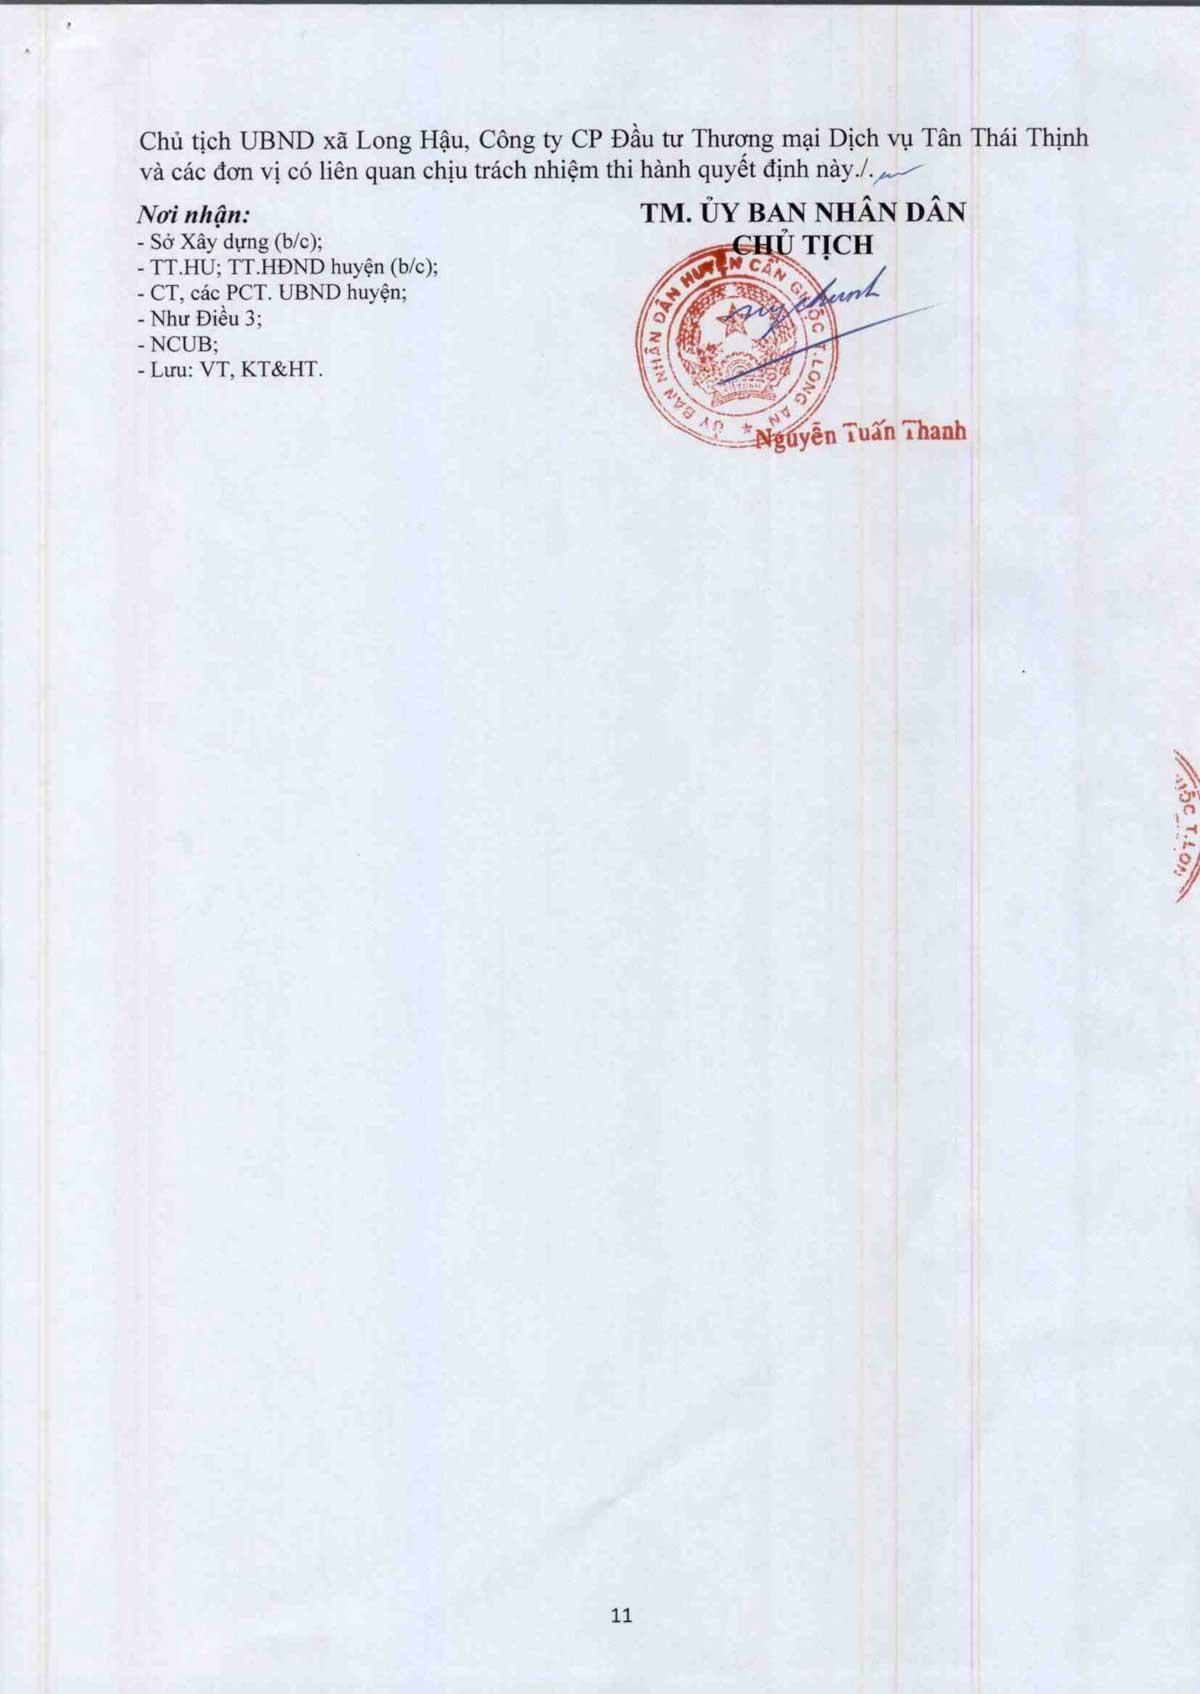 1 phan 500 kdc tm tan thai thinh 11 - Dự án Khu dân cư Thương mại Tân Thái Thịnh